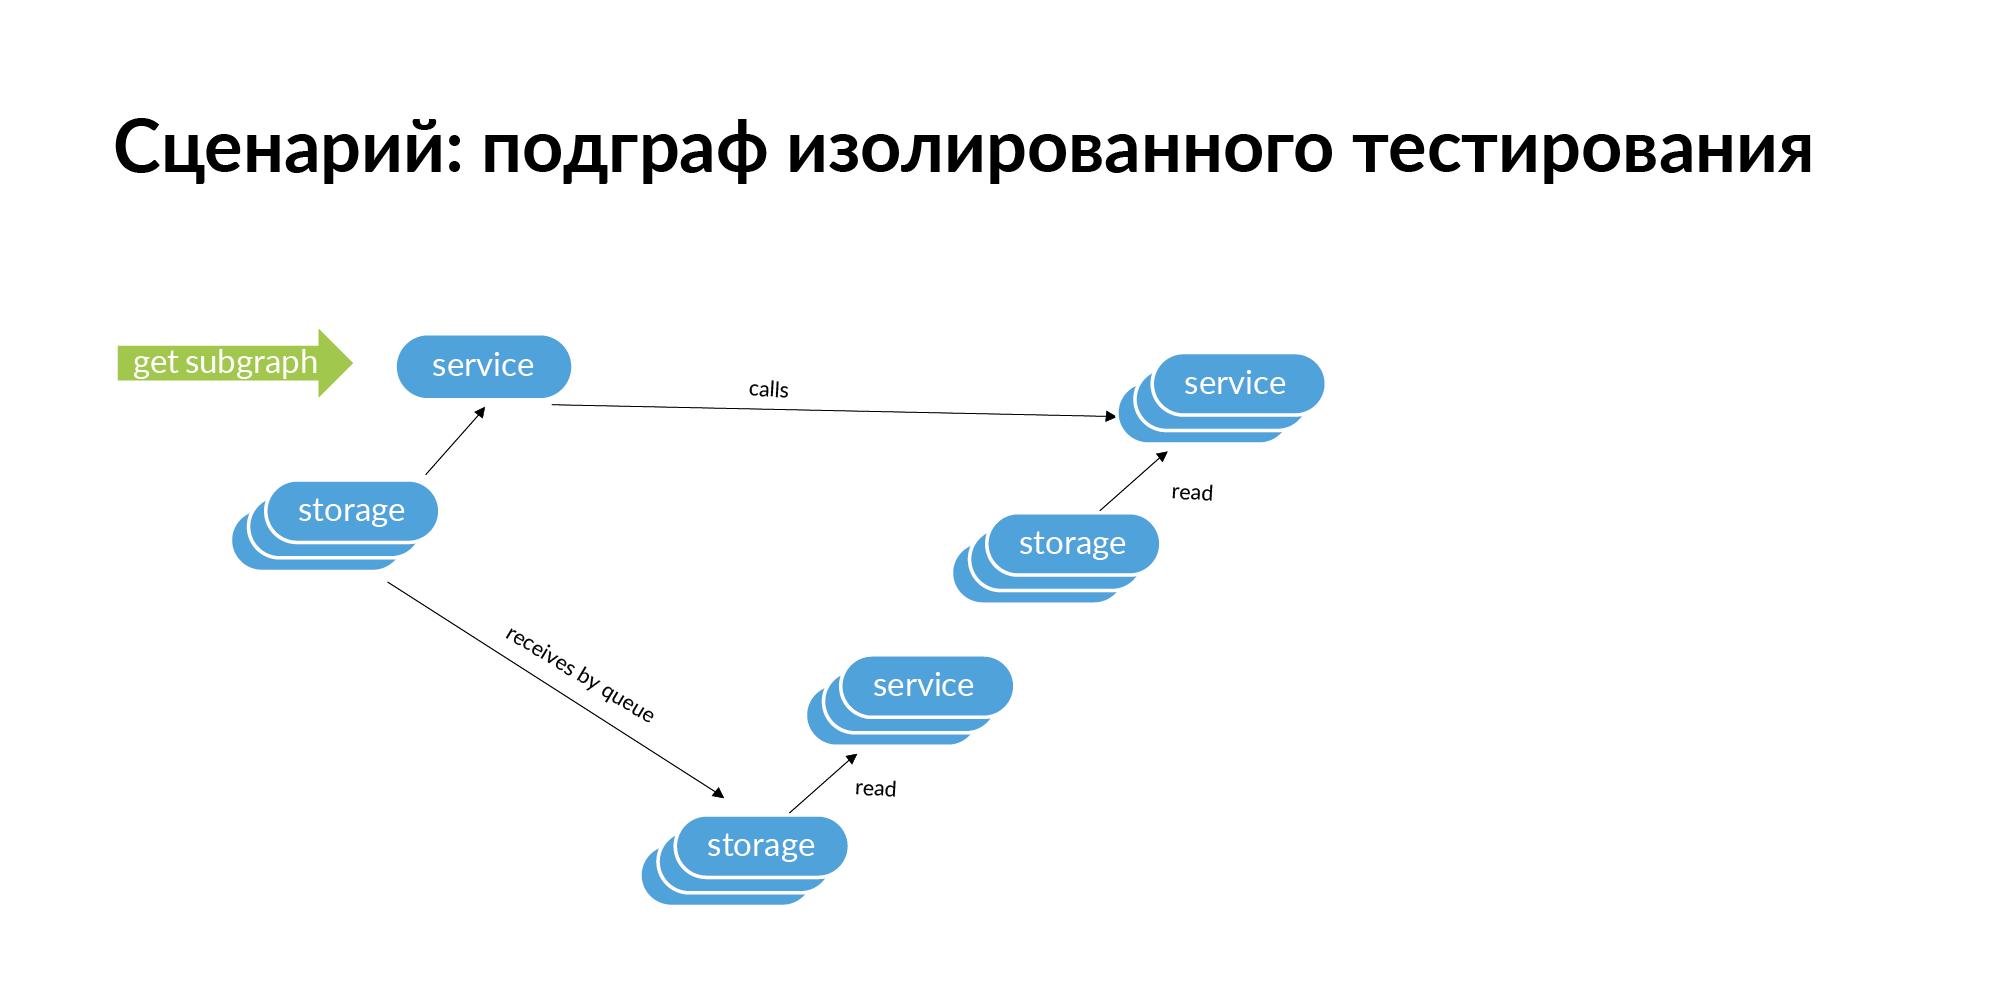 Концепция персистентной ткани для контроля IT-инфраструктуры - 28